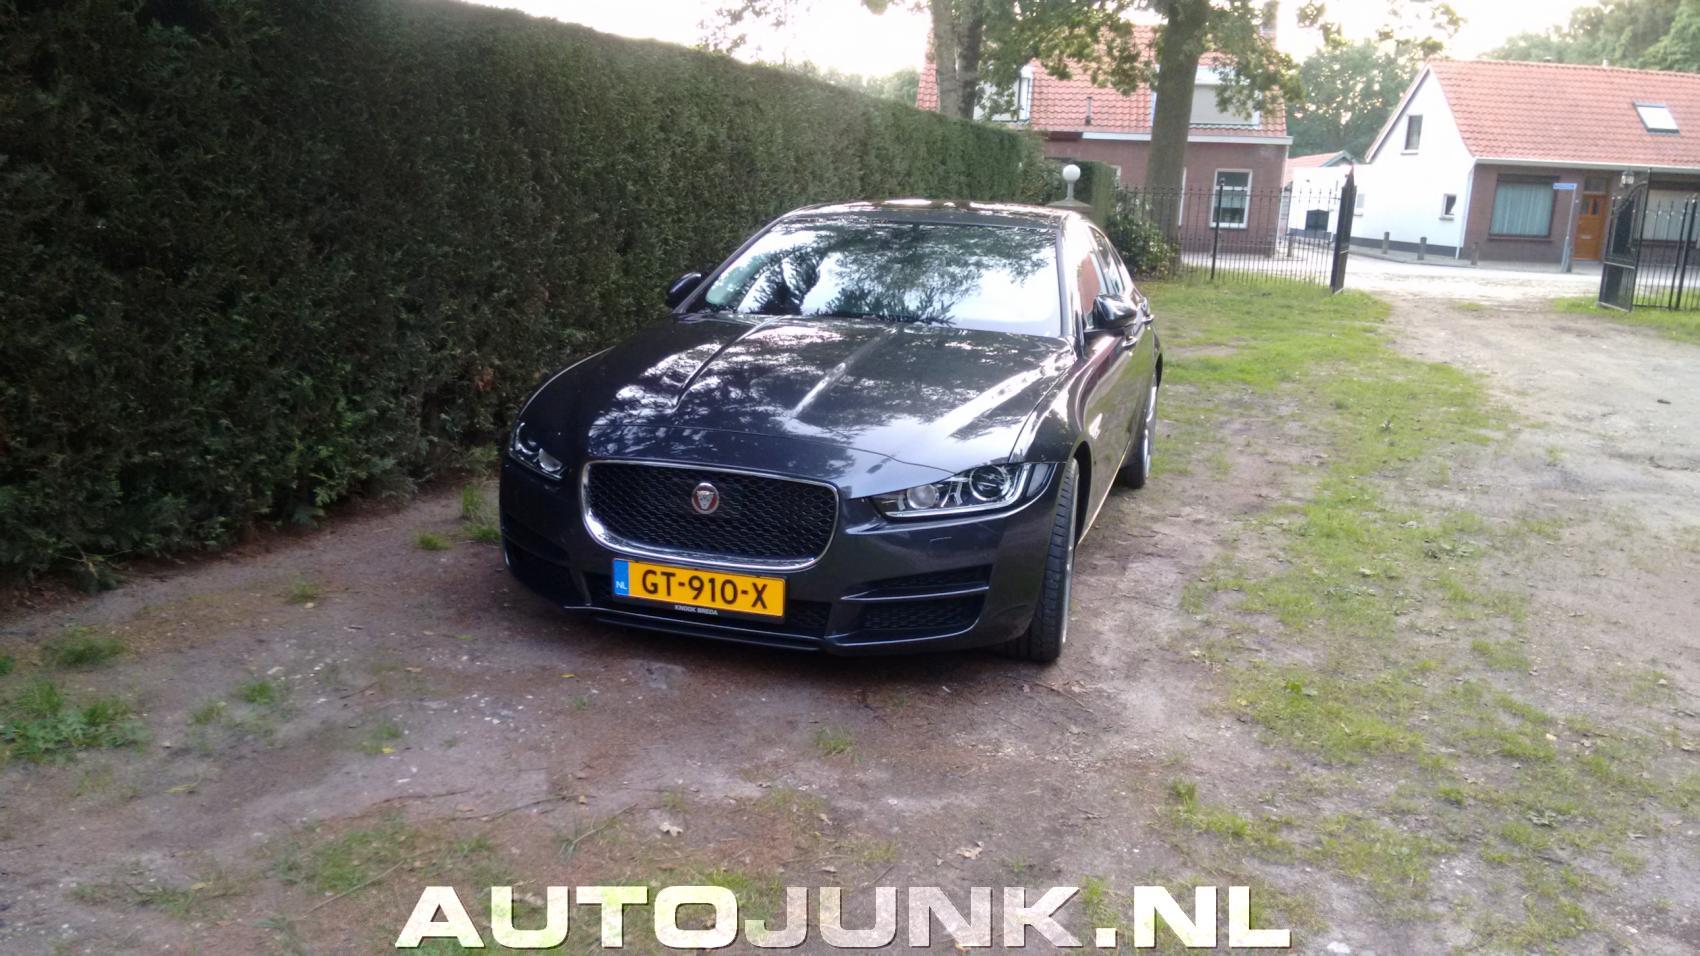 Jaguar Xe 2.5t >> Jaguar XE 2.5t foto's » Autojunk.nl (151166)